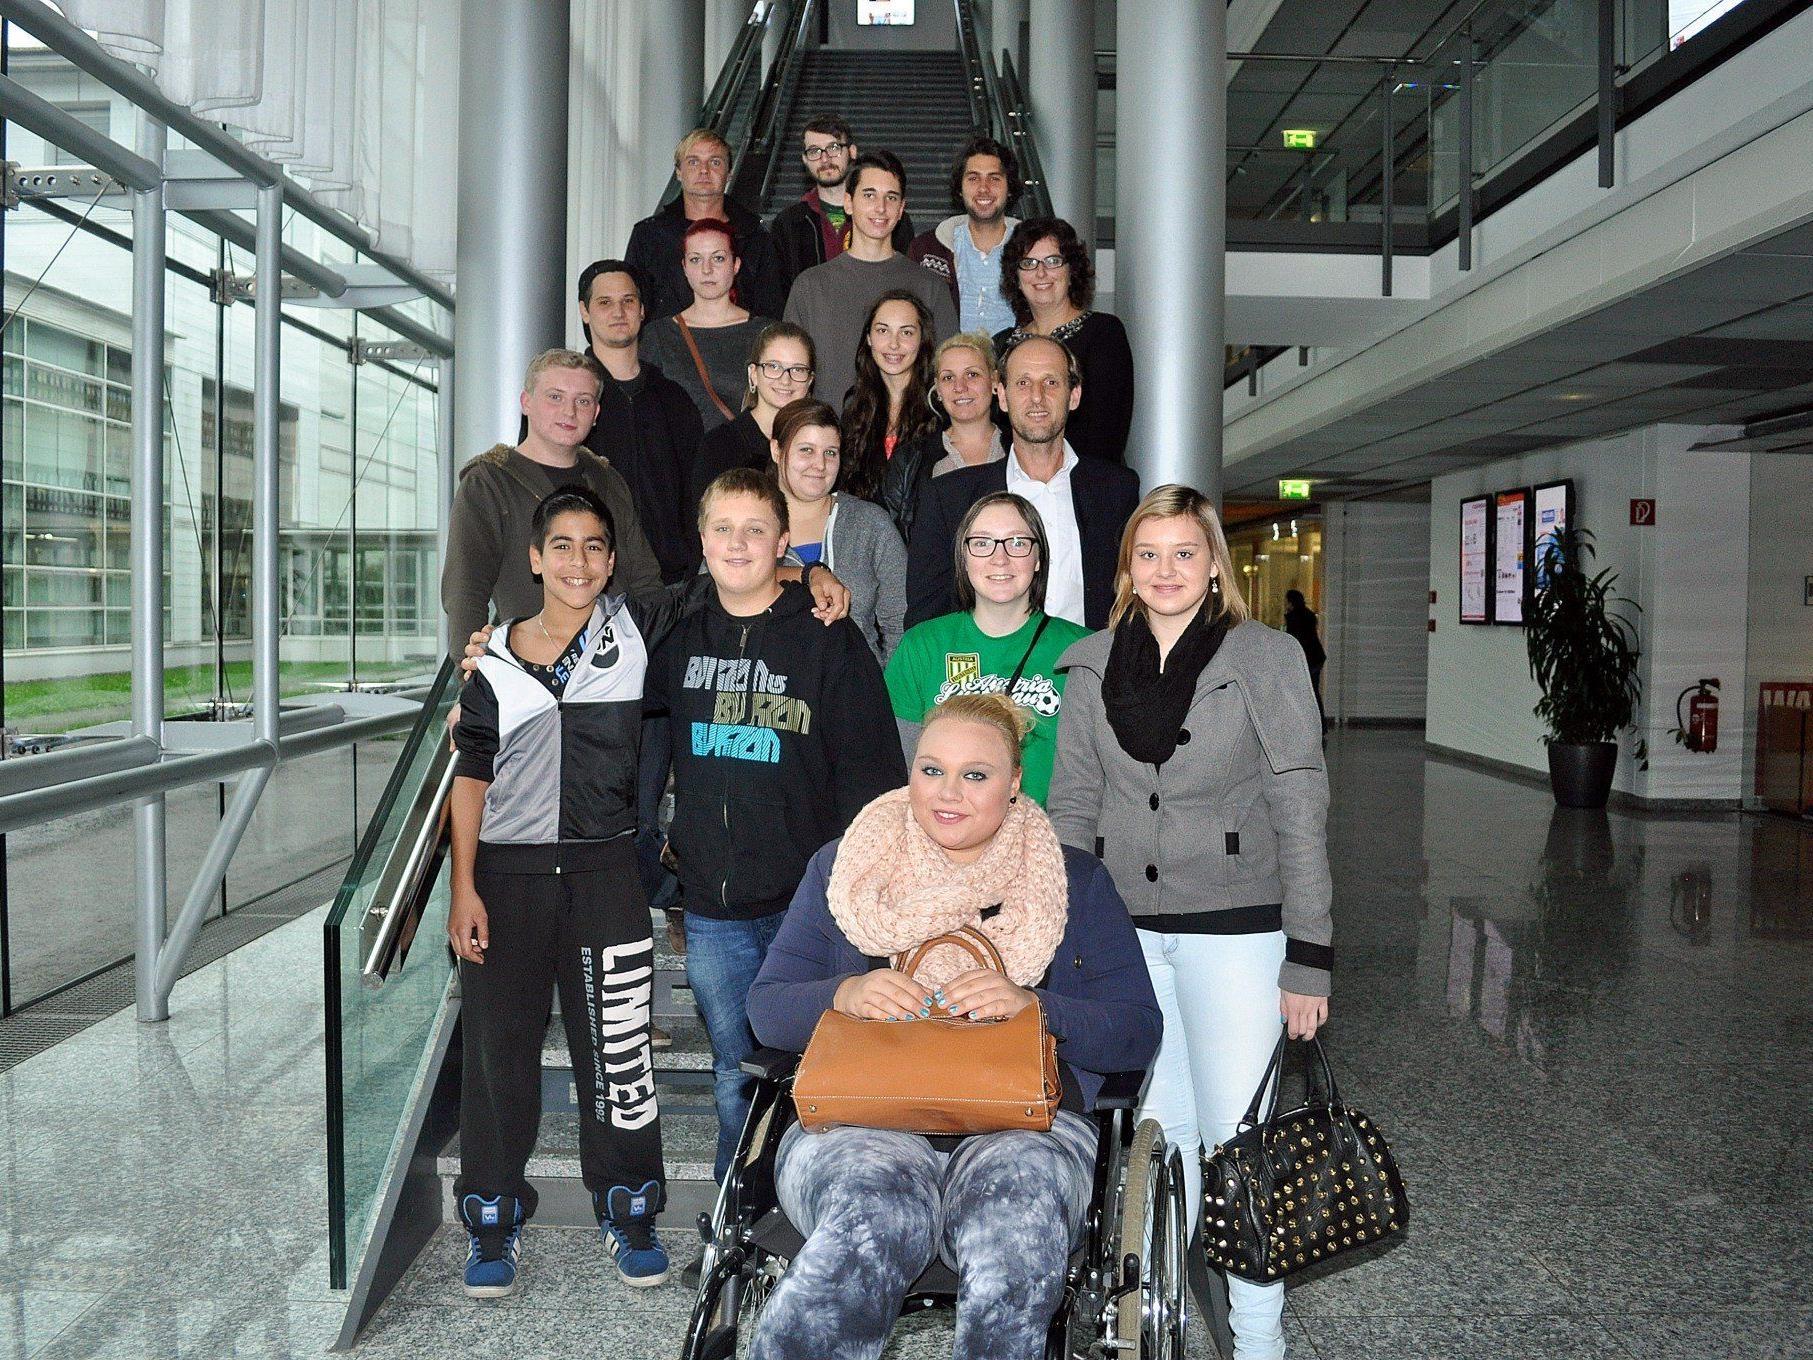 """Im Rahmen des """"Heimatprojekt Luschnou"""" besuchte vor kurzem eine Gruppe Jugendlicher Russmedia in Schwarzach."""